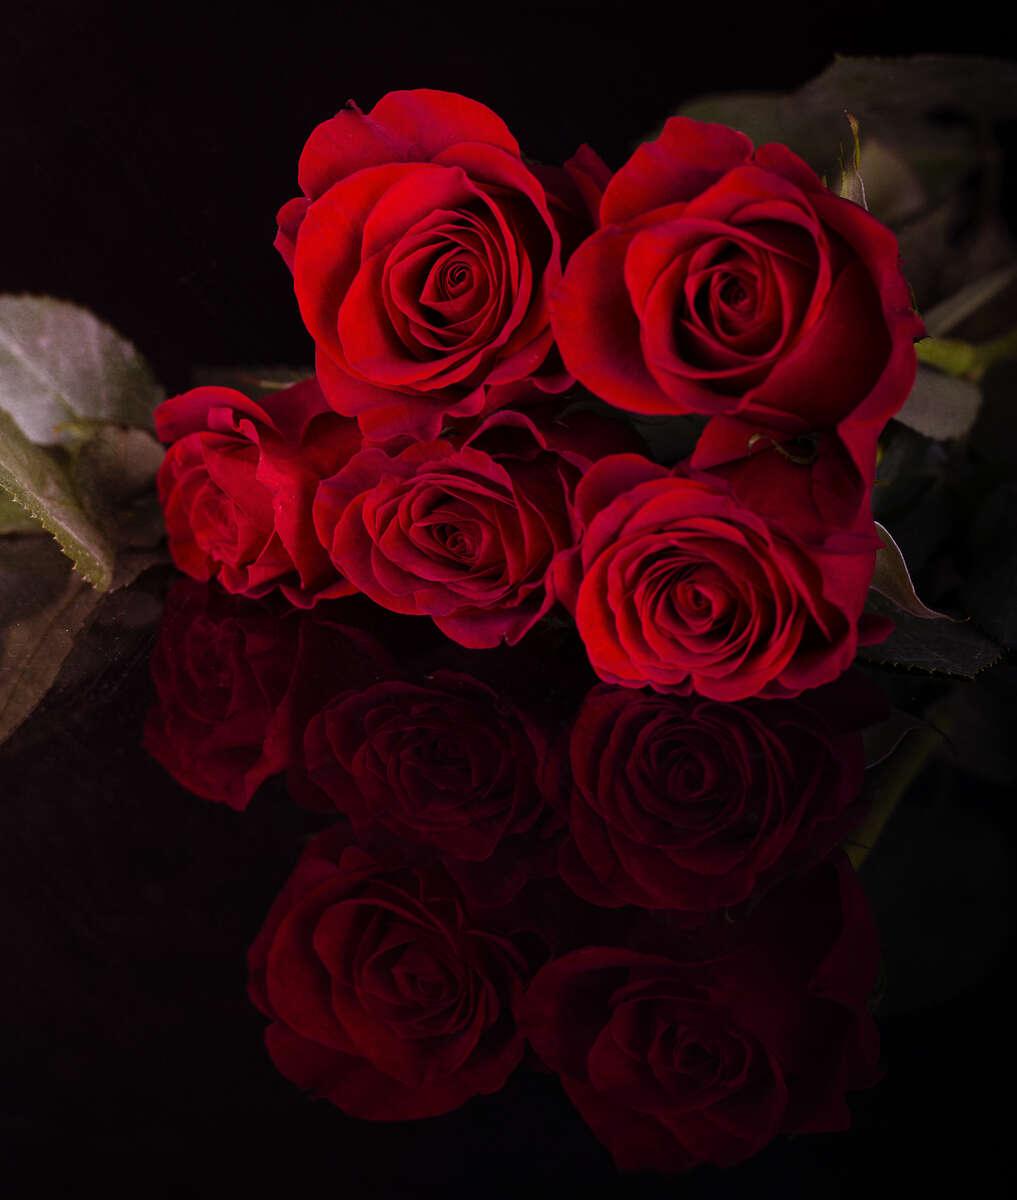 Roses_KneppR